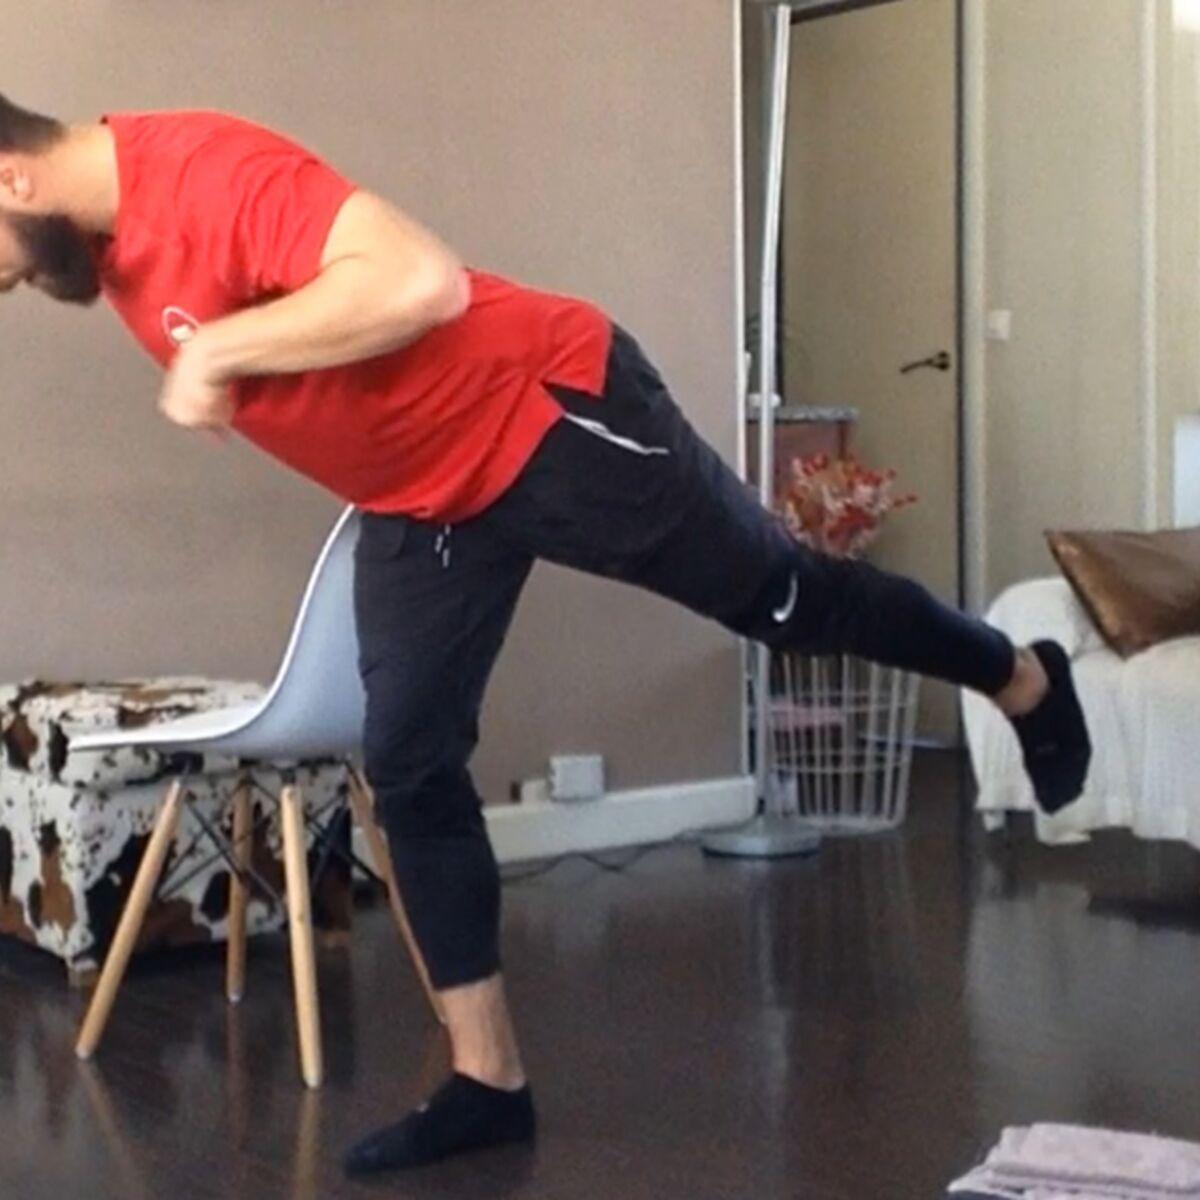 Gymnastique A Faire Chez Soi gardez la forme après 50 ans avec notre cours de gym spécial